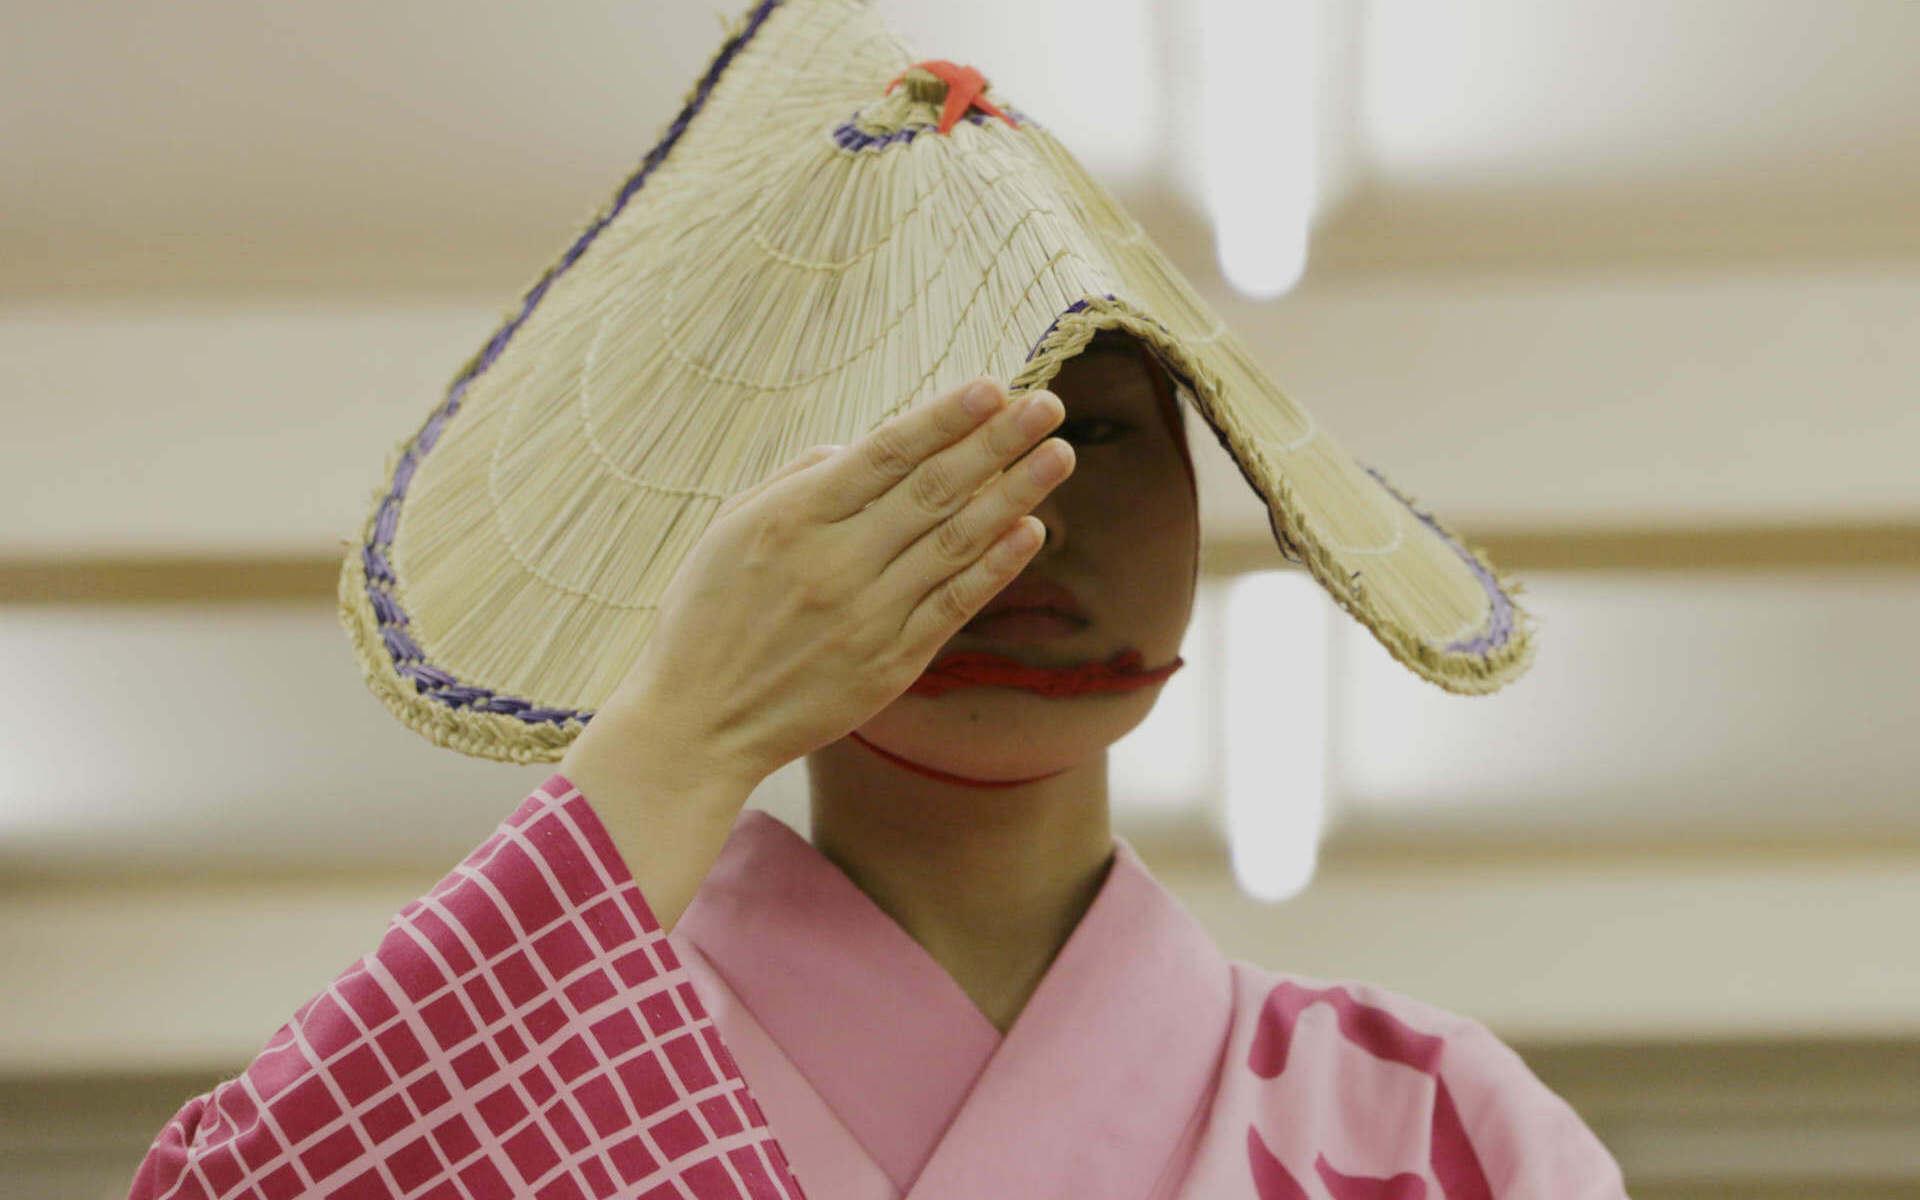 300年続く照れ隠し。顔を見せないことで洗練された伝統の踊り